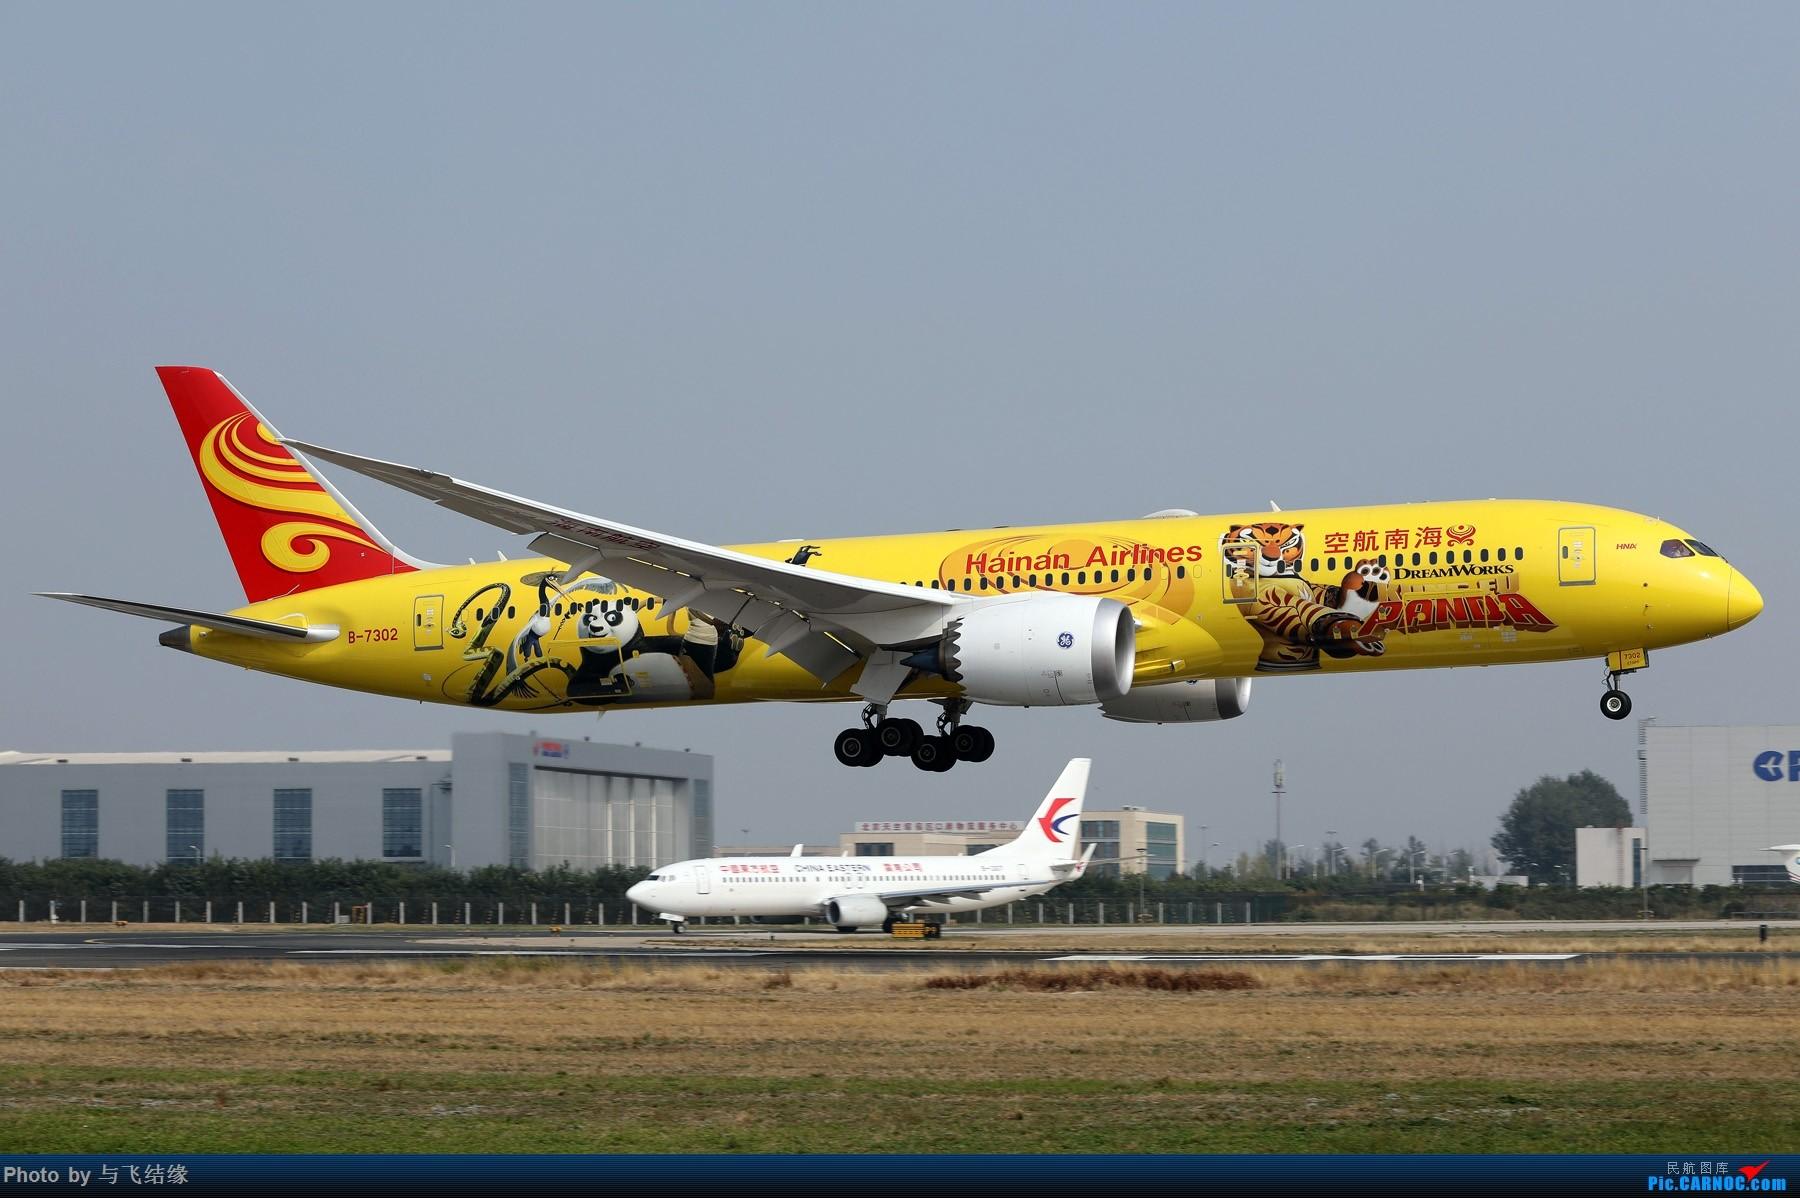 """Re:[原创]""""花里胡哨""""的一组彩绘机! BOEING 787-9 B-7302 中国北京首都国际机场"""